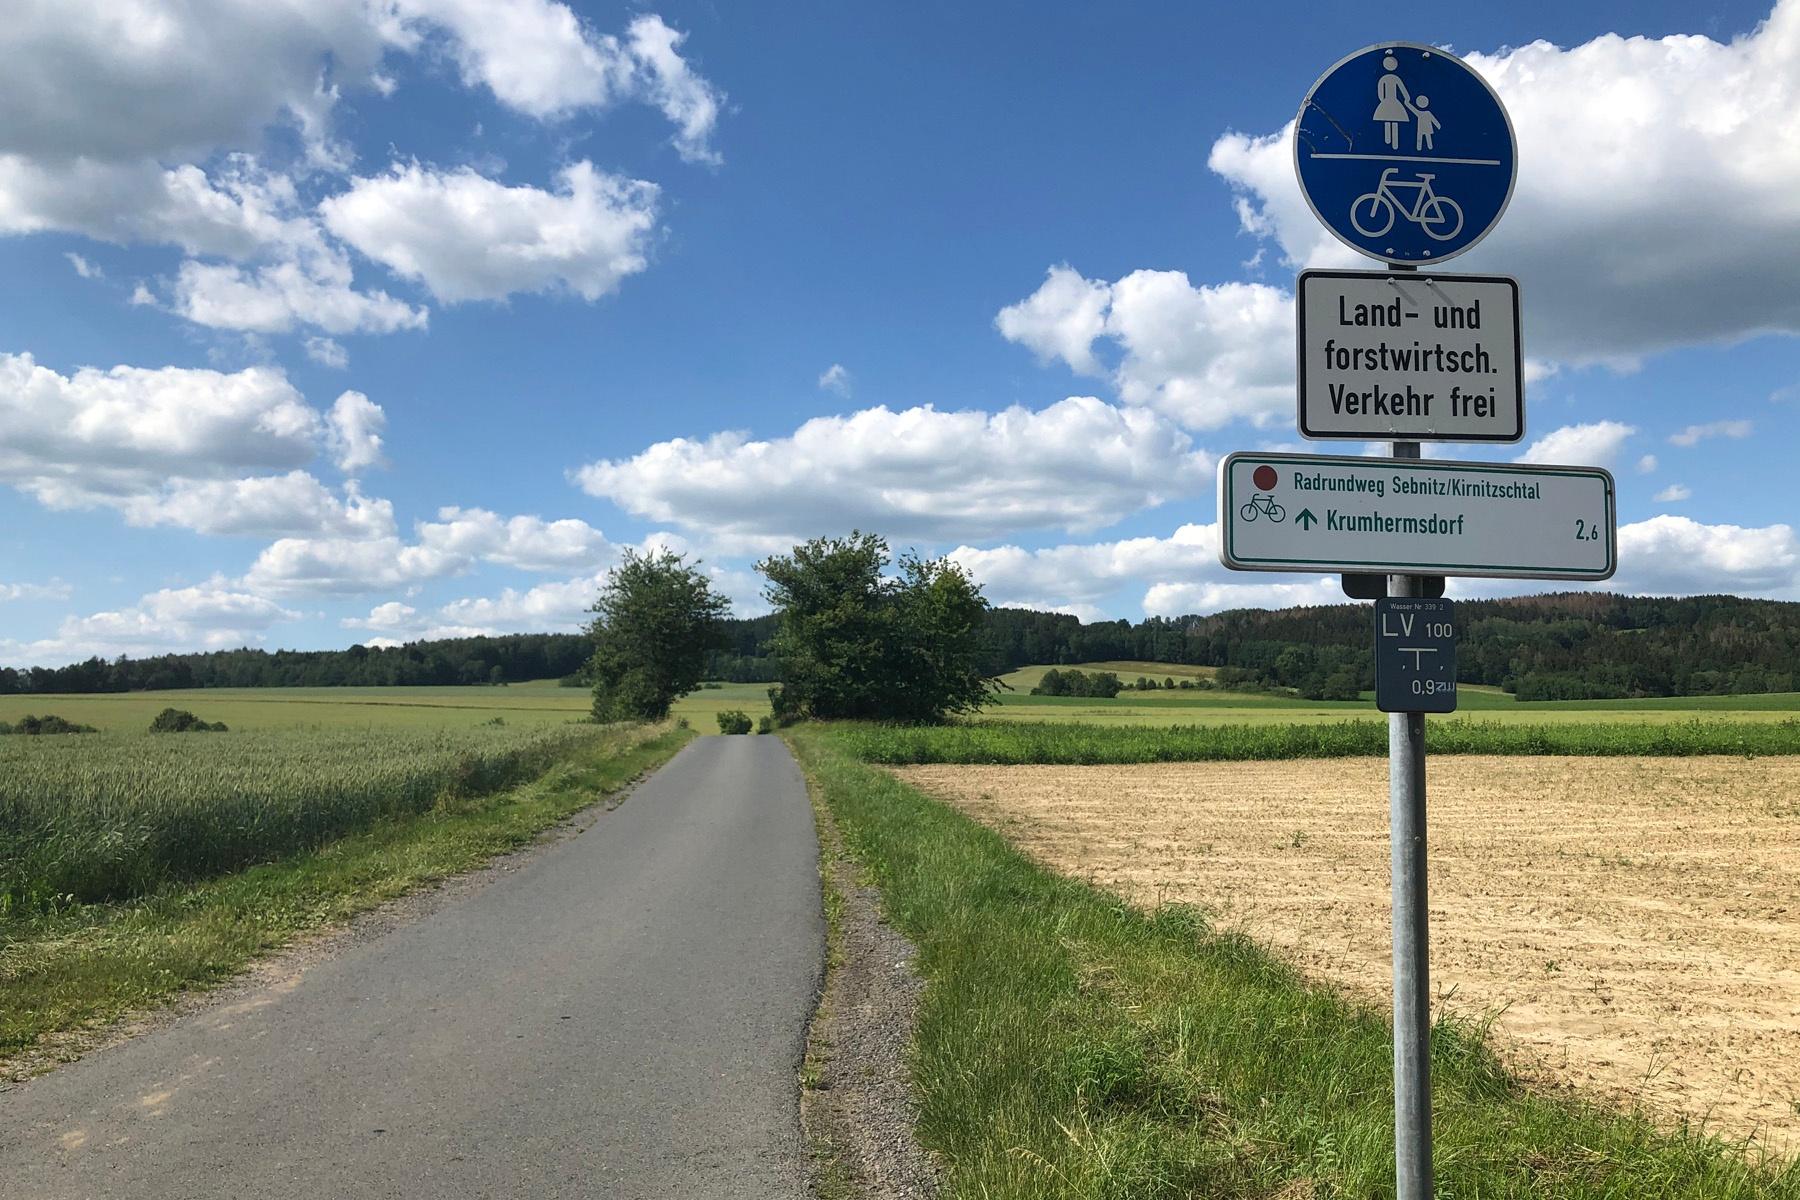 Wegmarkierung Radrundweg